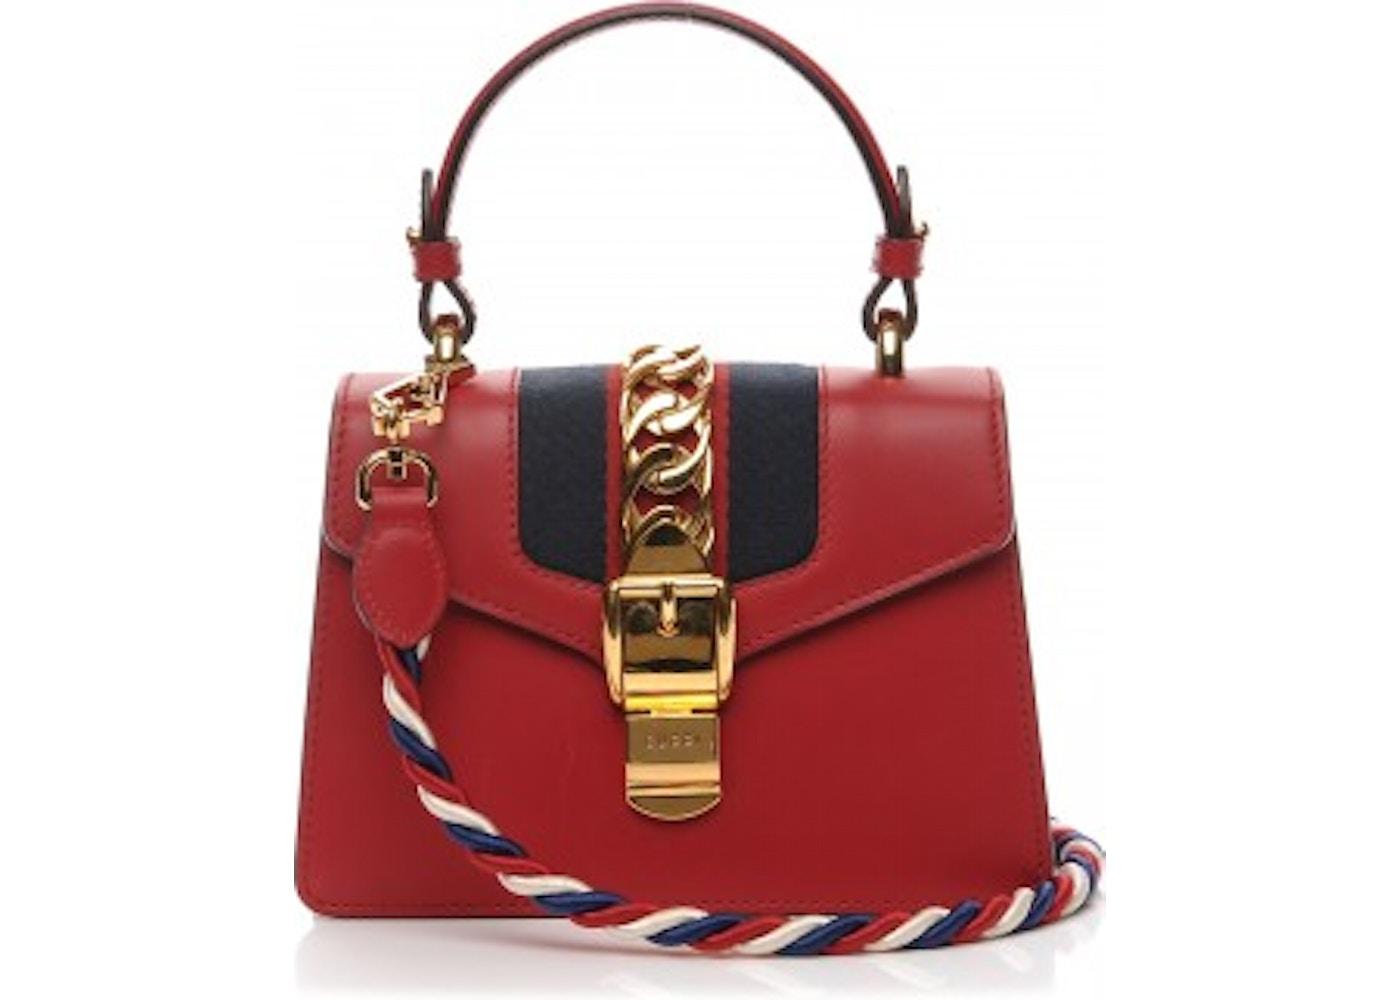 0eb5fe357eae Gucci Sylvie Top Handle GG Web Stripe Mini Red/Navy Blue. GG Web Stripe  Mini Red/Navy Blue